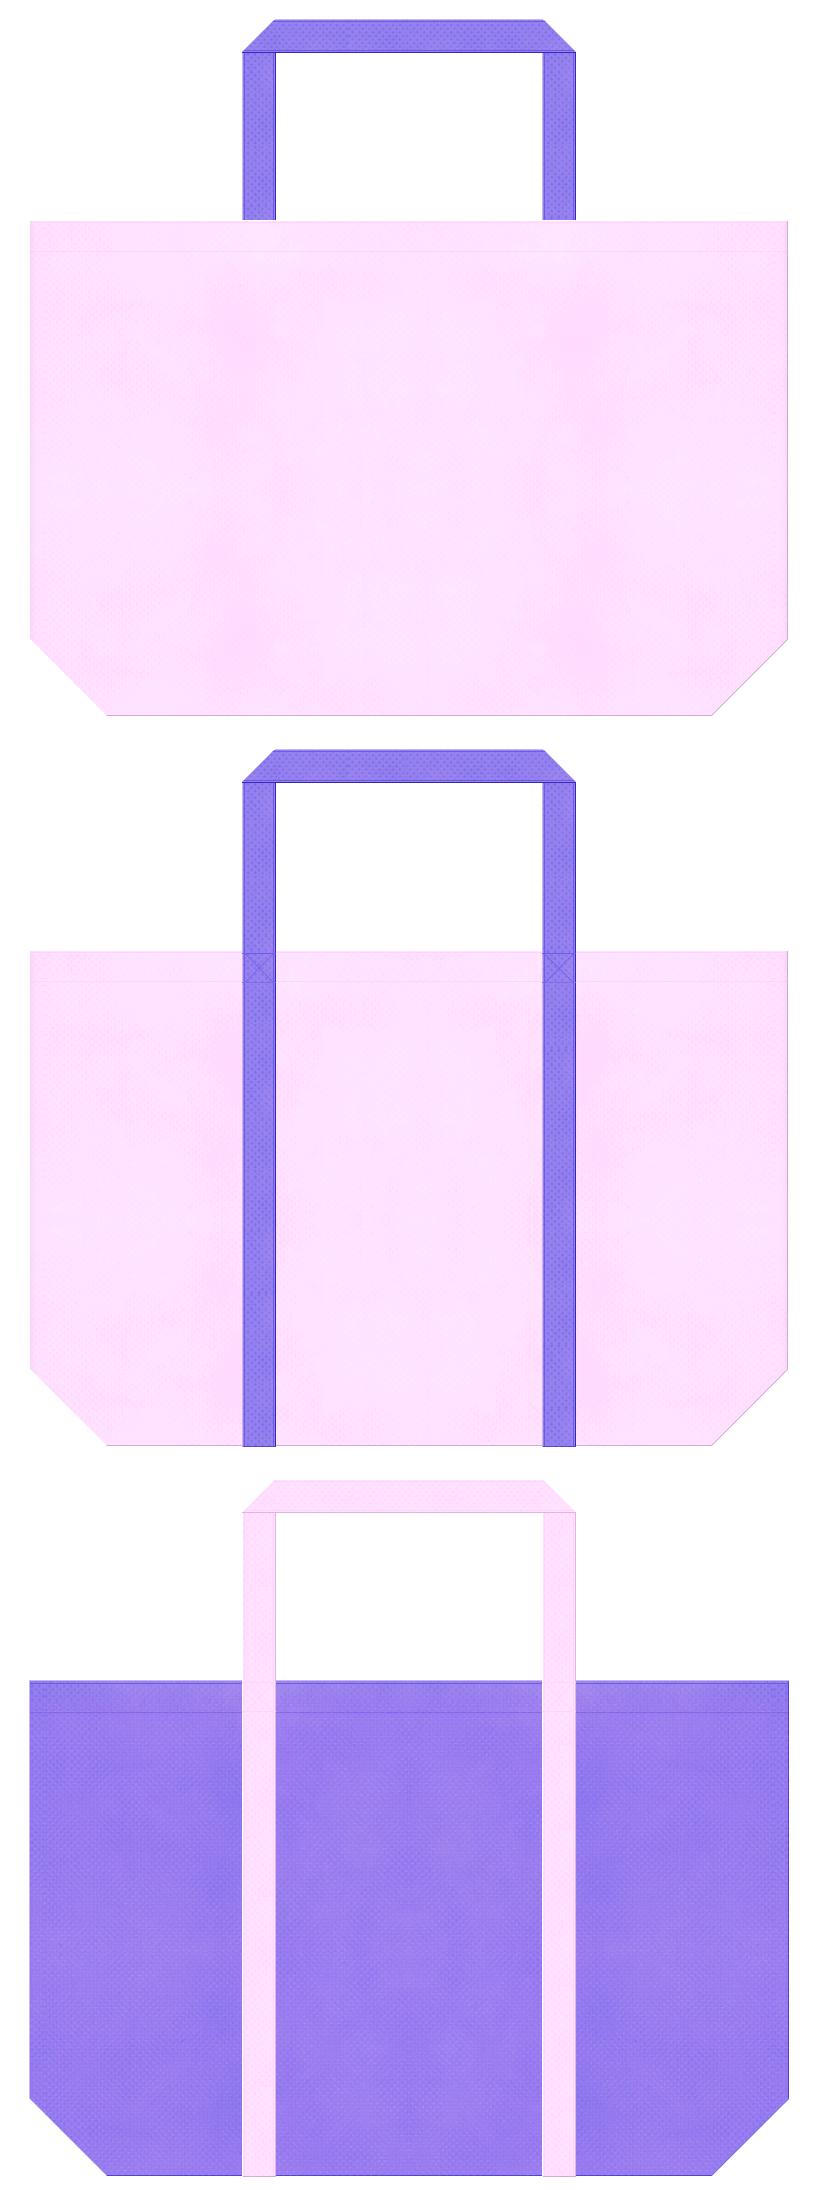 保育・福祉・介護・医療・ドリーミー・プリティー・ファンシー・プリンセス・マーメイド・パステルカラー・ガーリーデザインにお奨めの不織布バッグデザイン:明るいピンク色と薄紫色のコーデ